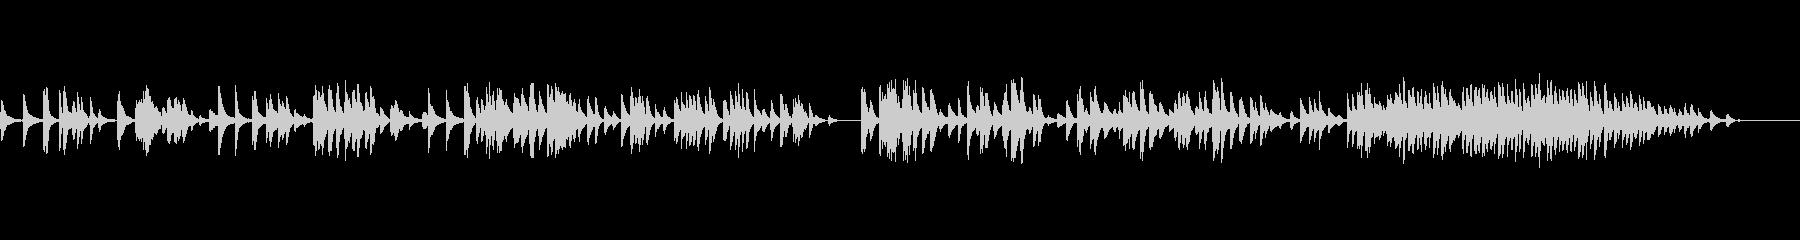 ゴルトベルク変奏曲、アリアの未再生の波形